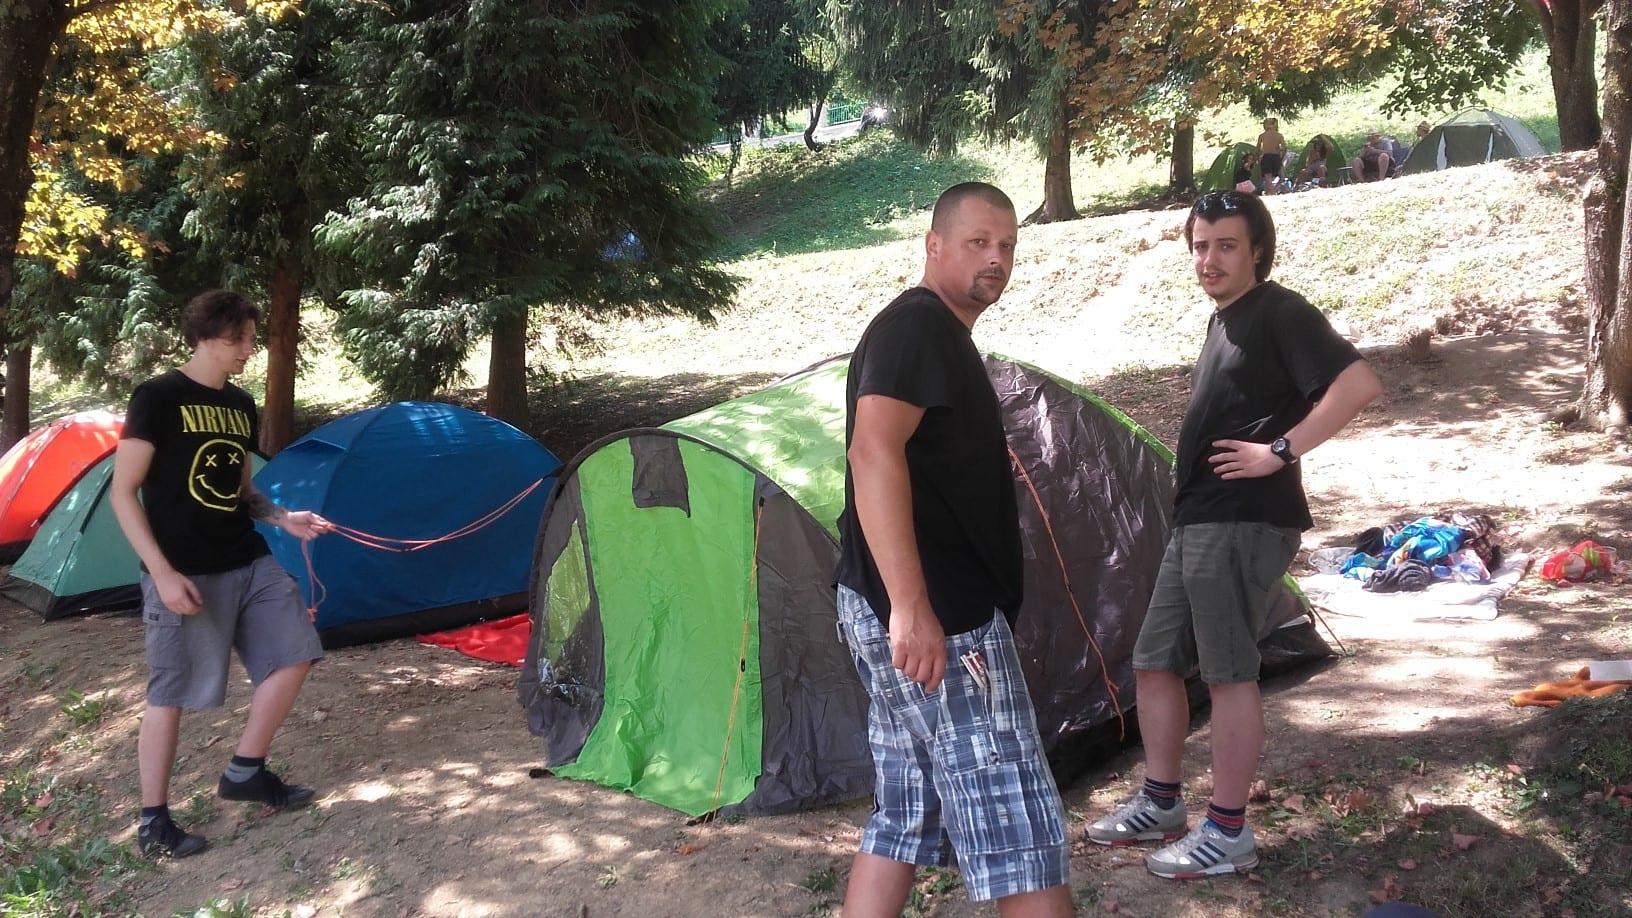 camping-smaller.jpg